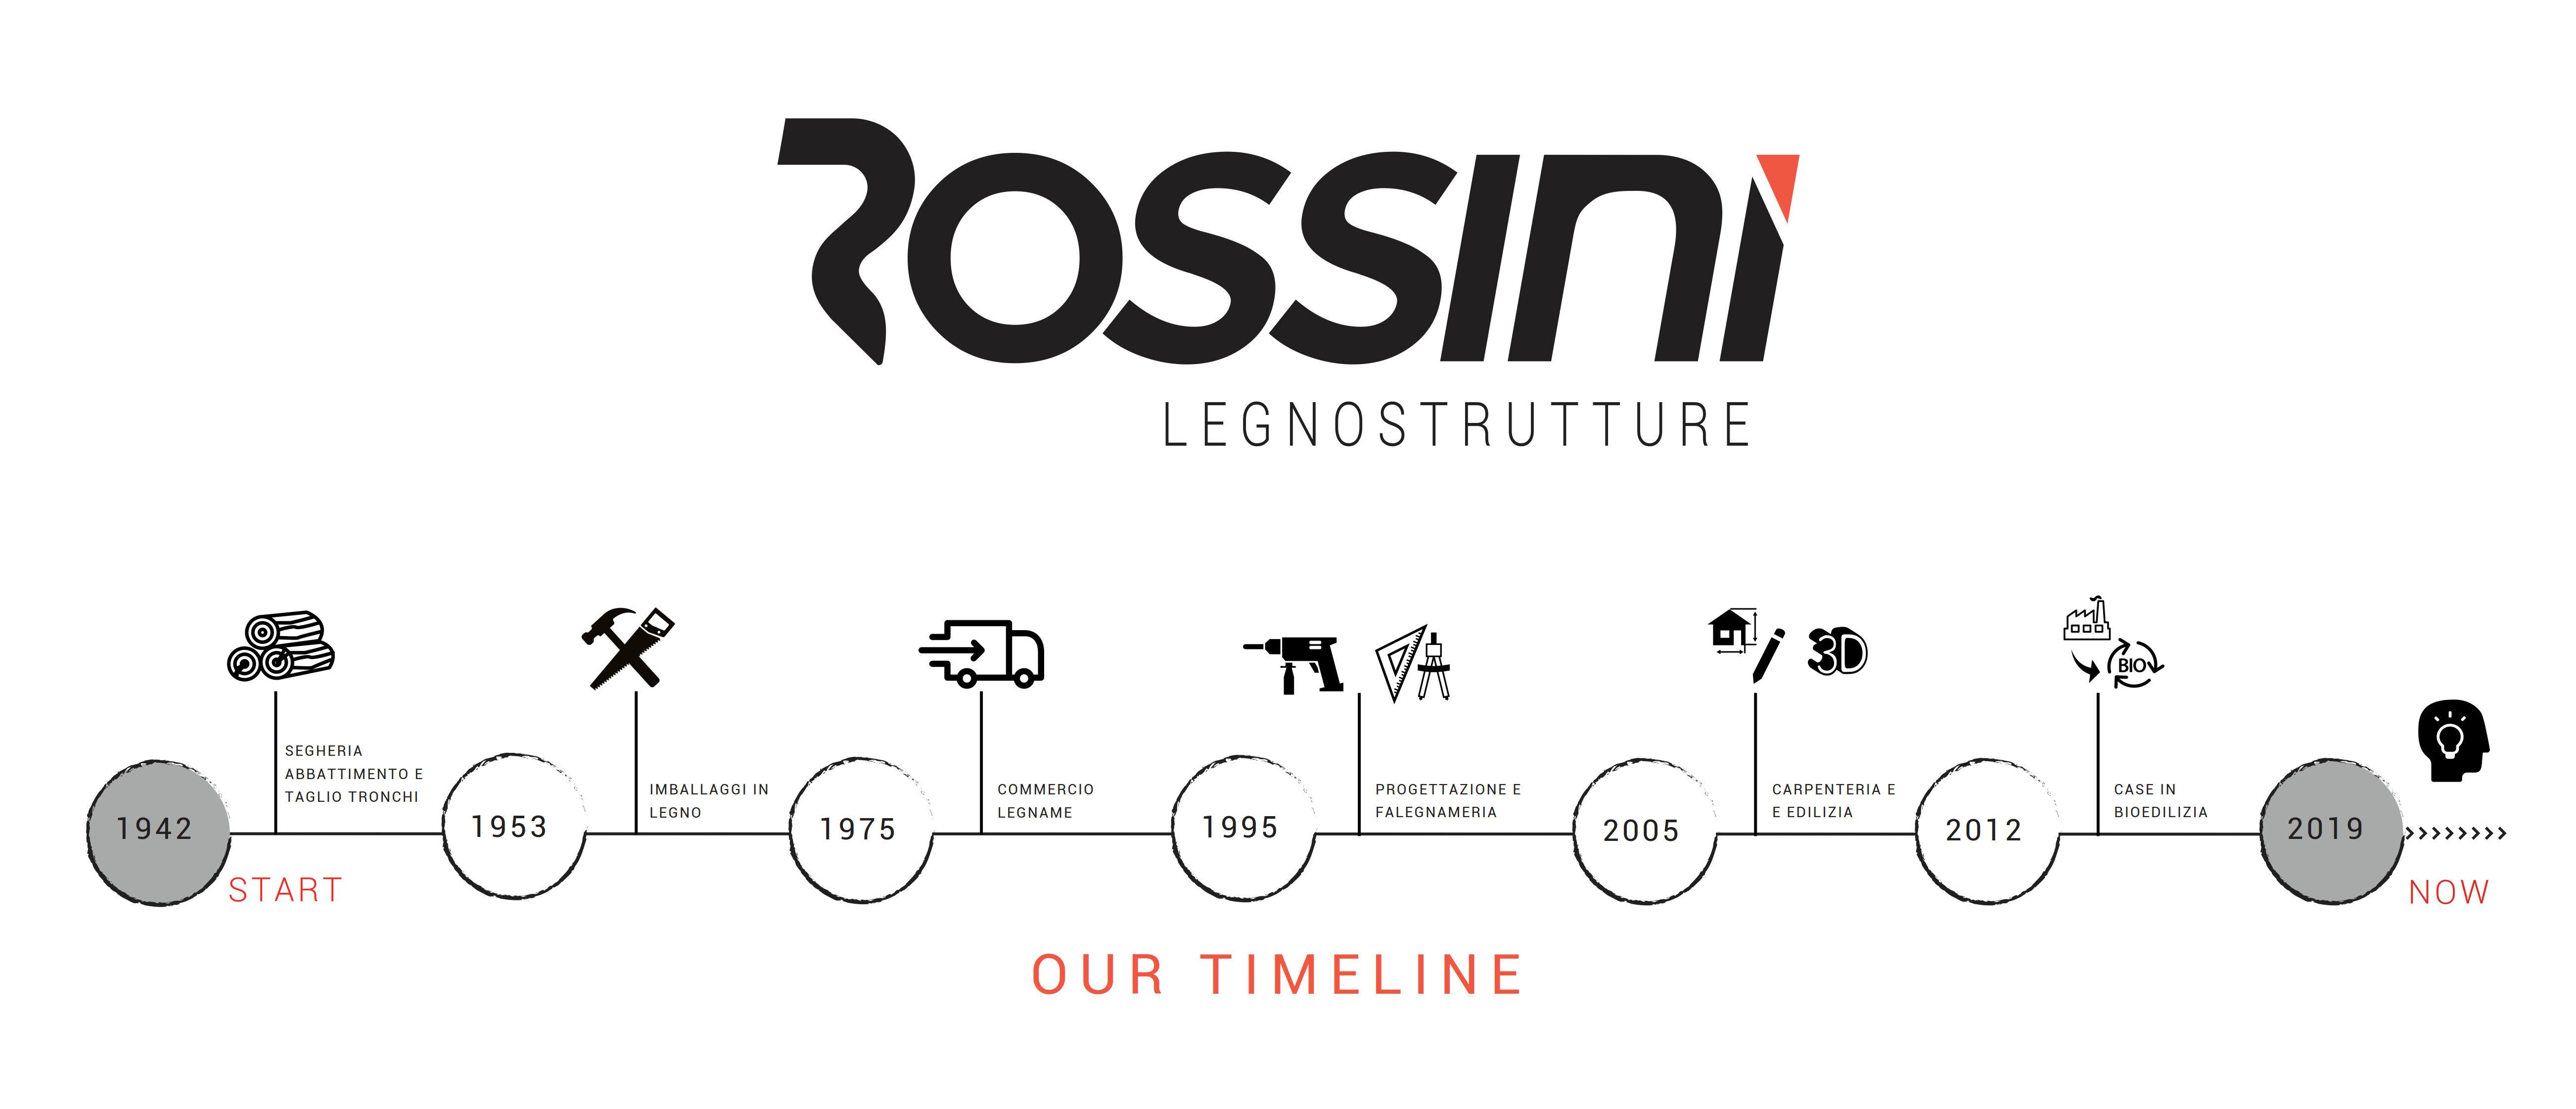 Rossini Legnostrutture - Il Nostro Nuovo Brand